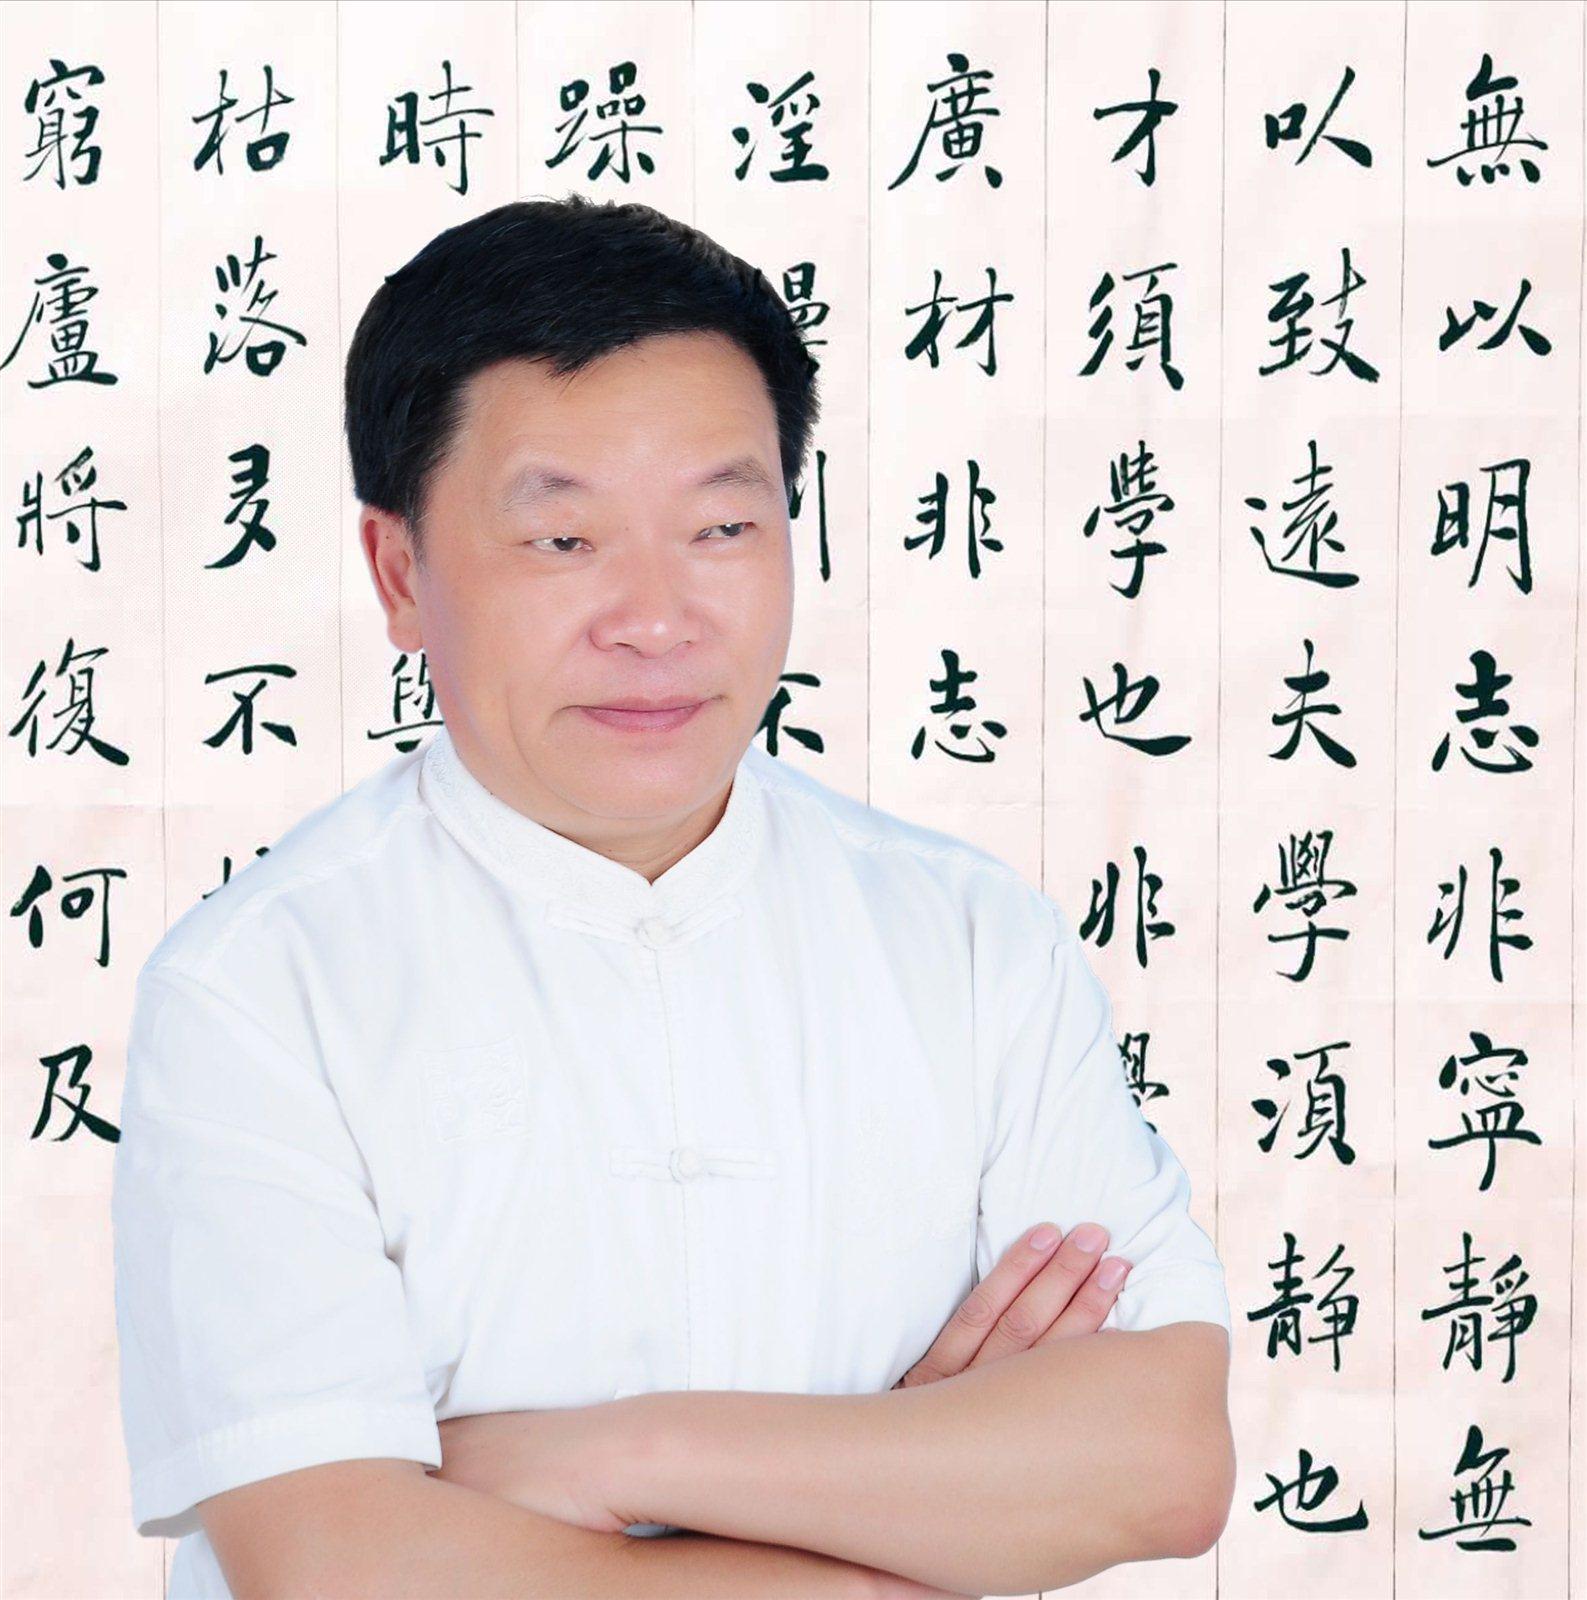 熊武(龙山人)